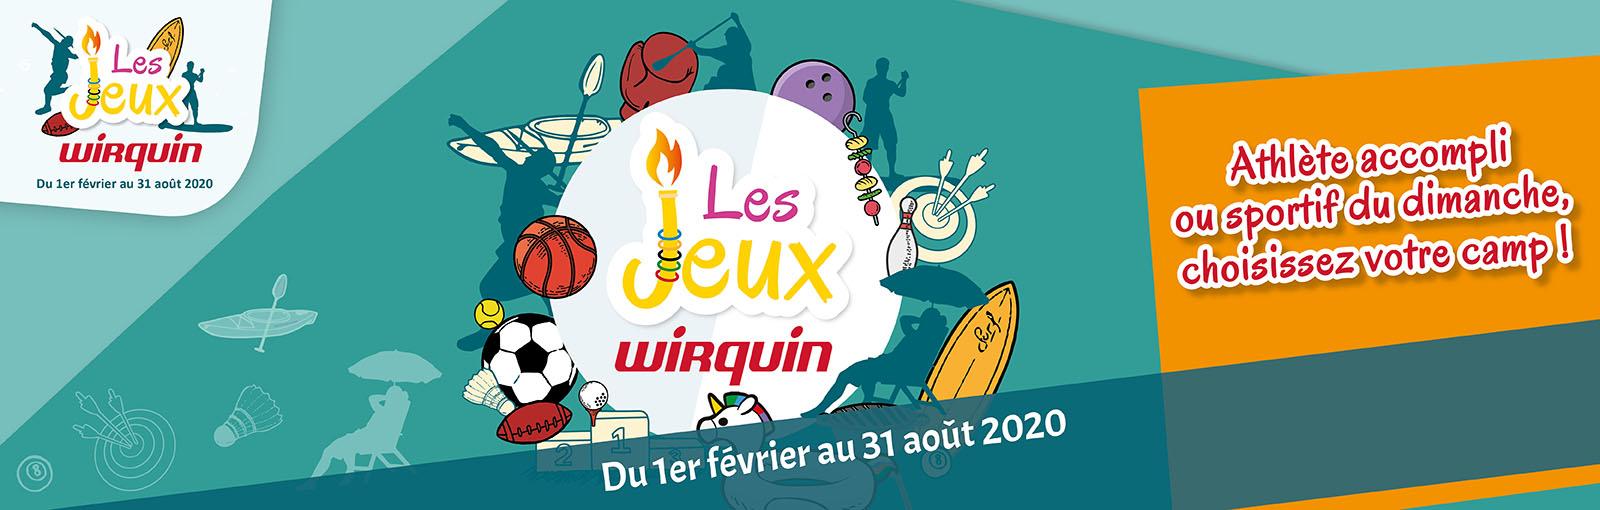 OP_jeux_wirquin_2020